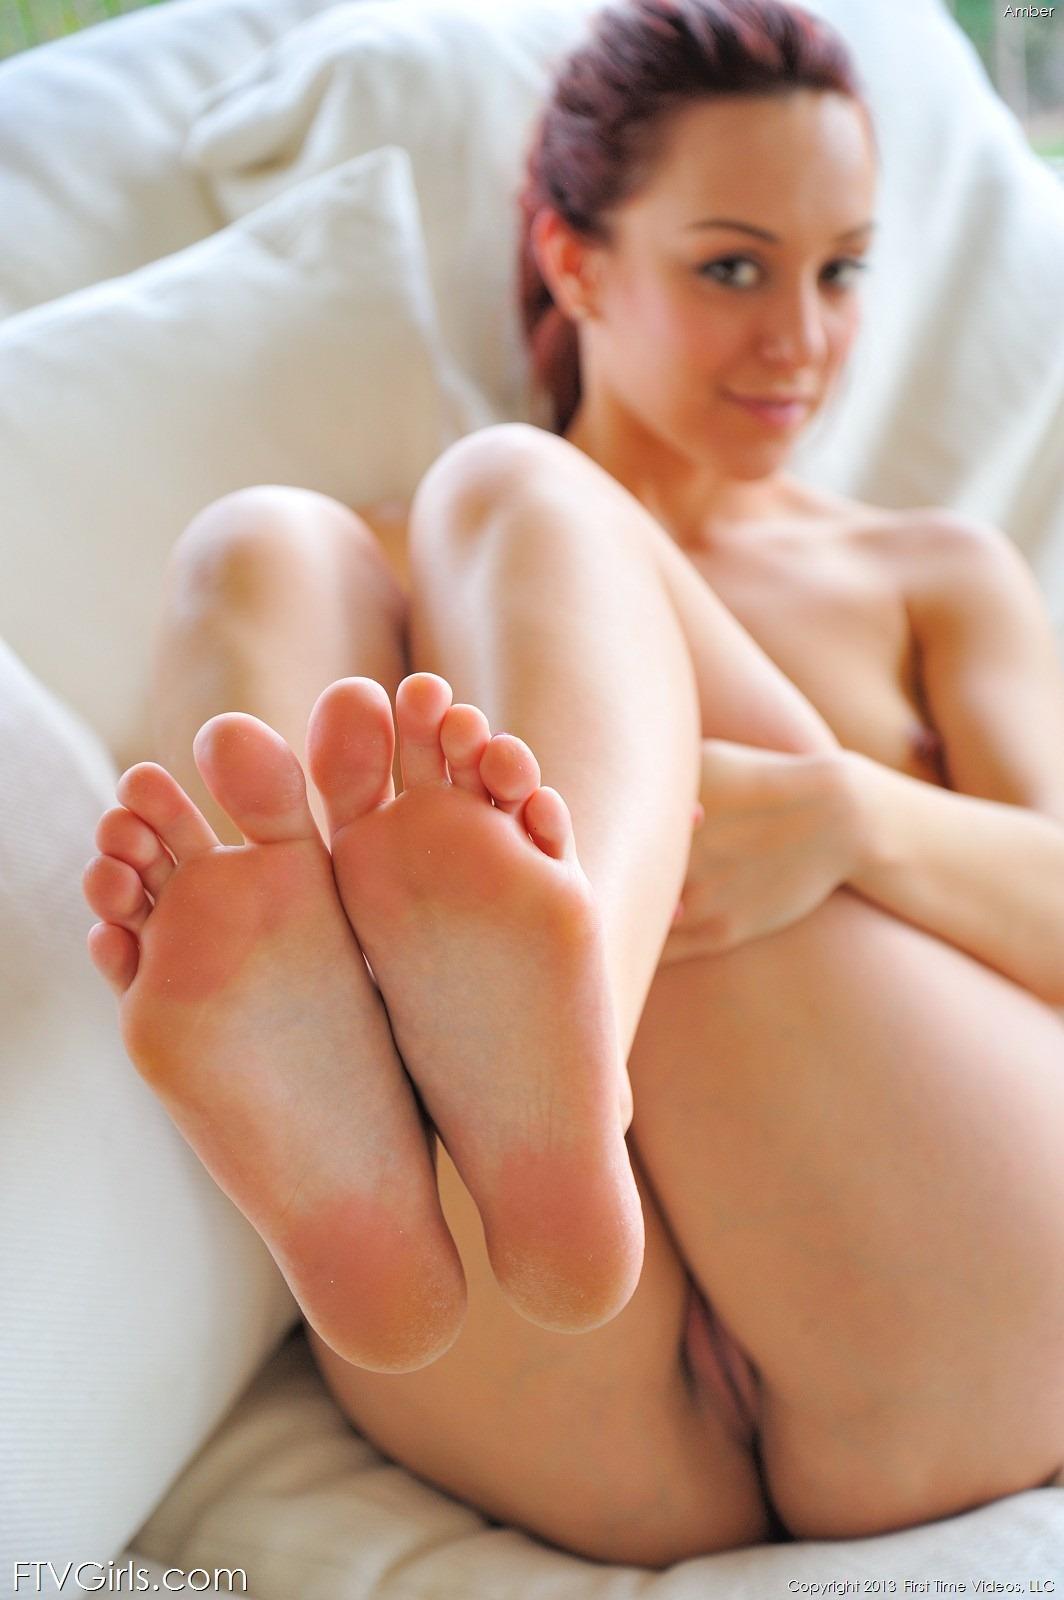 Связанная лежит на полу и мастурбирует 27 фотография